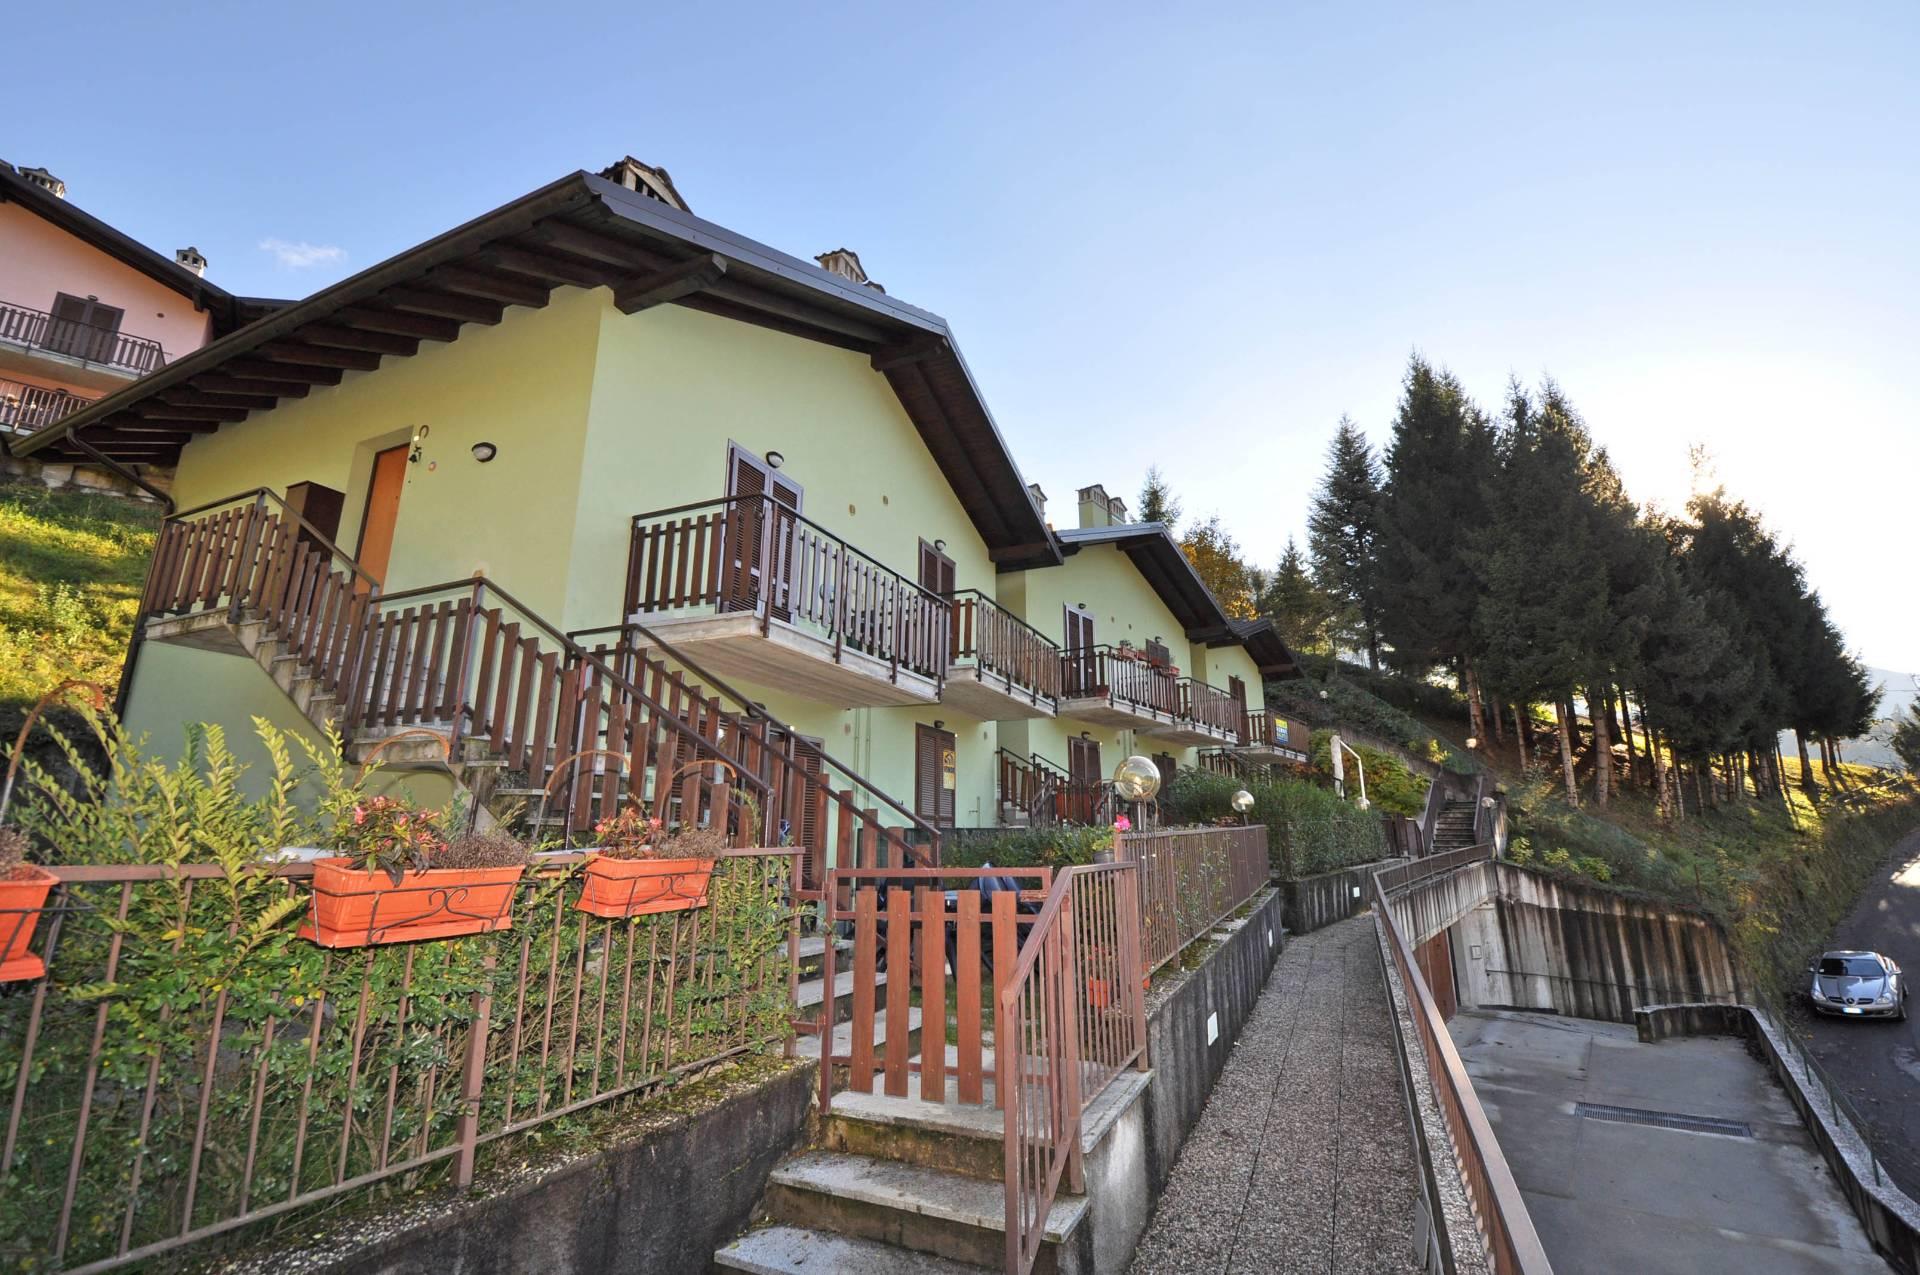 Appartamento in vendita a Piazzolo, 2 locali, prezzo € 56.000 | Cambio Casa.it